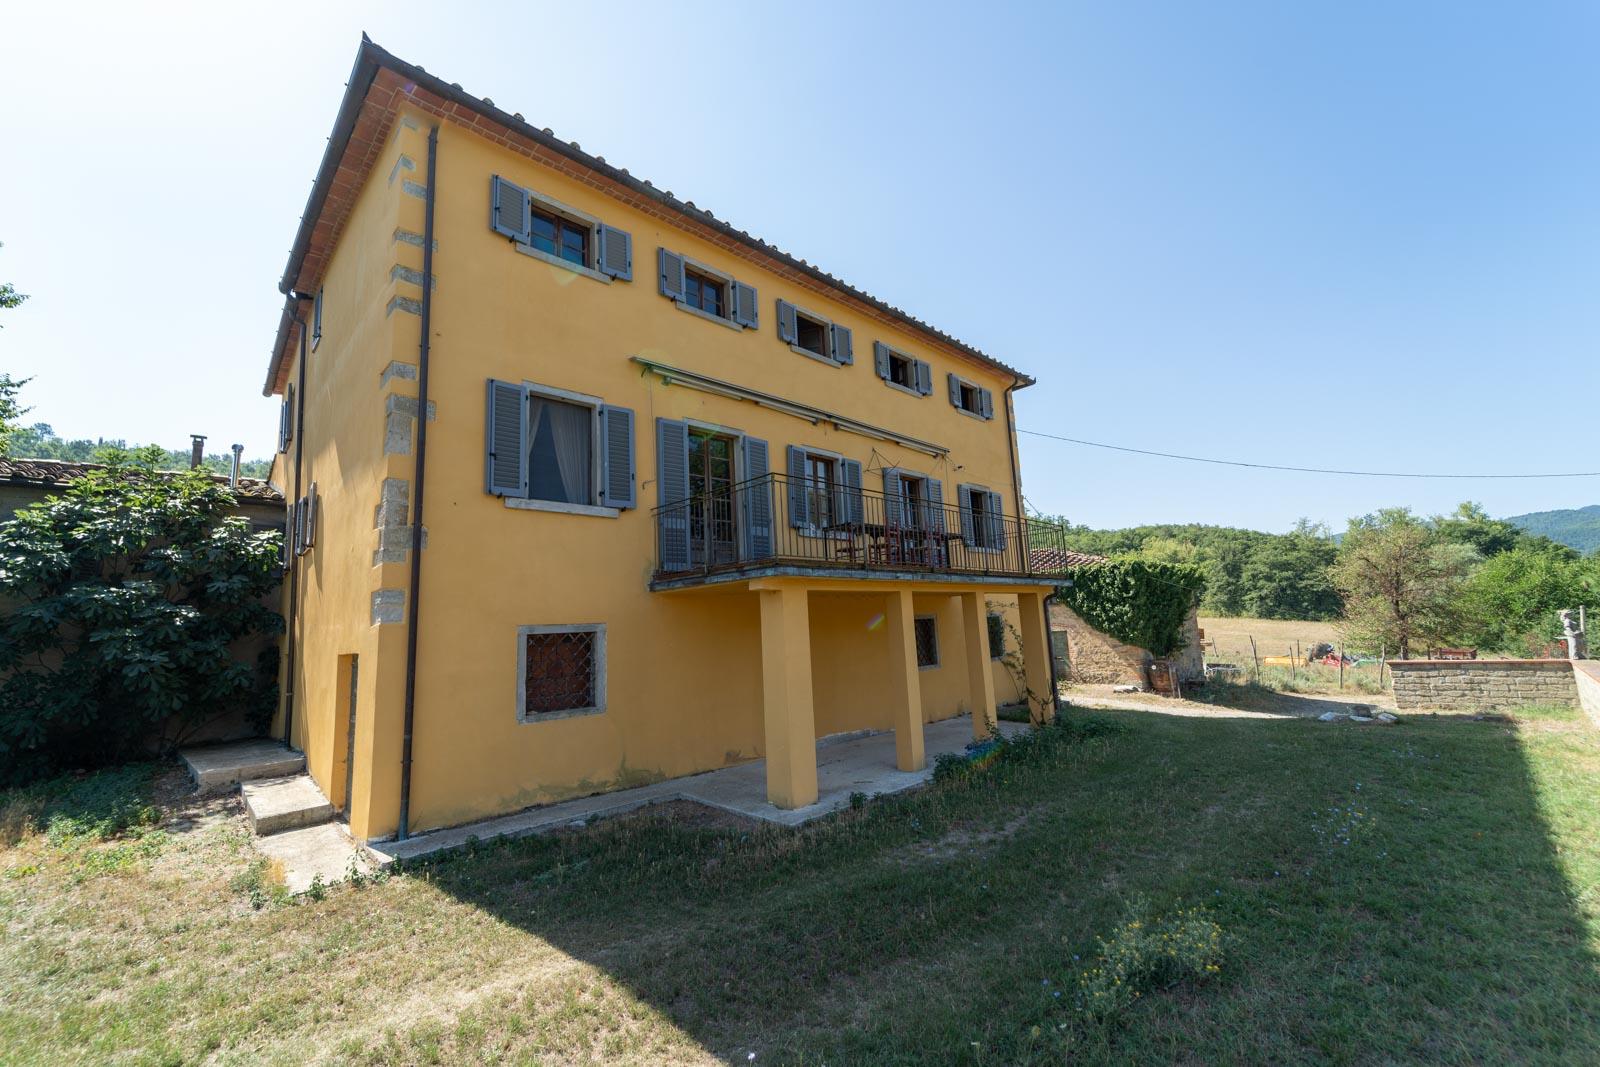 Bauernhof nahe Arezzo in der Toskana ideal für Pferdehaltung und Agriturismo